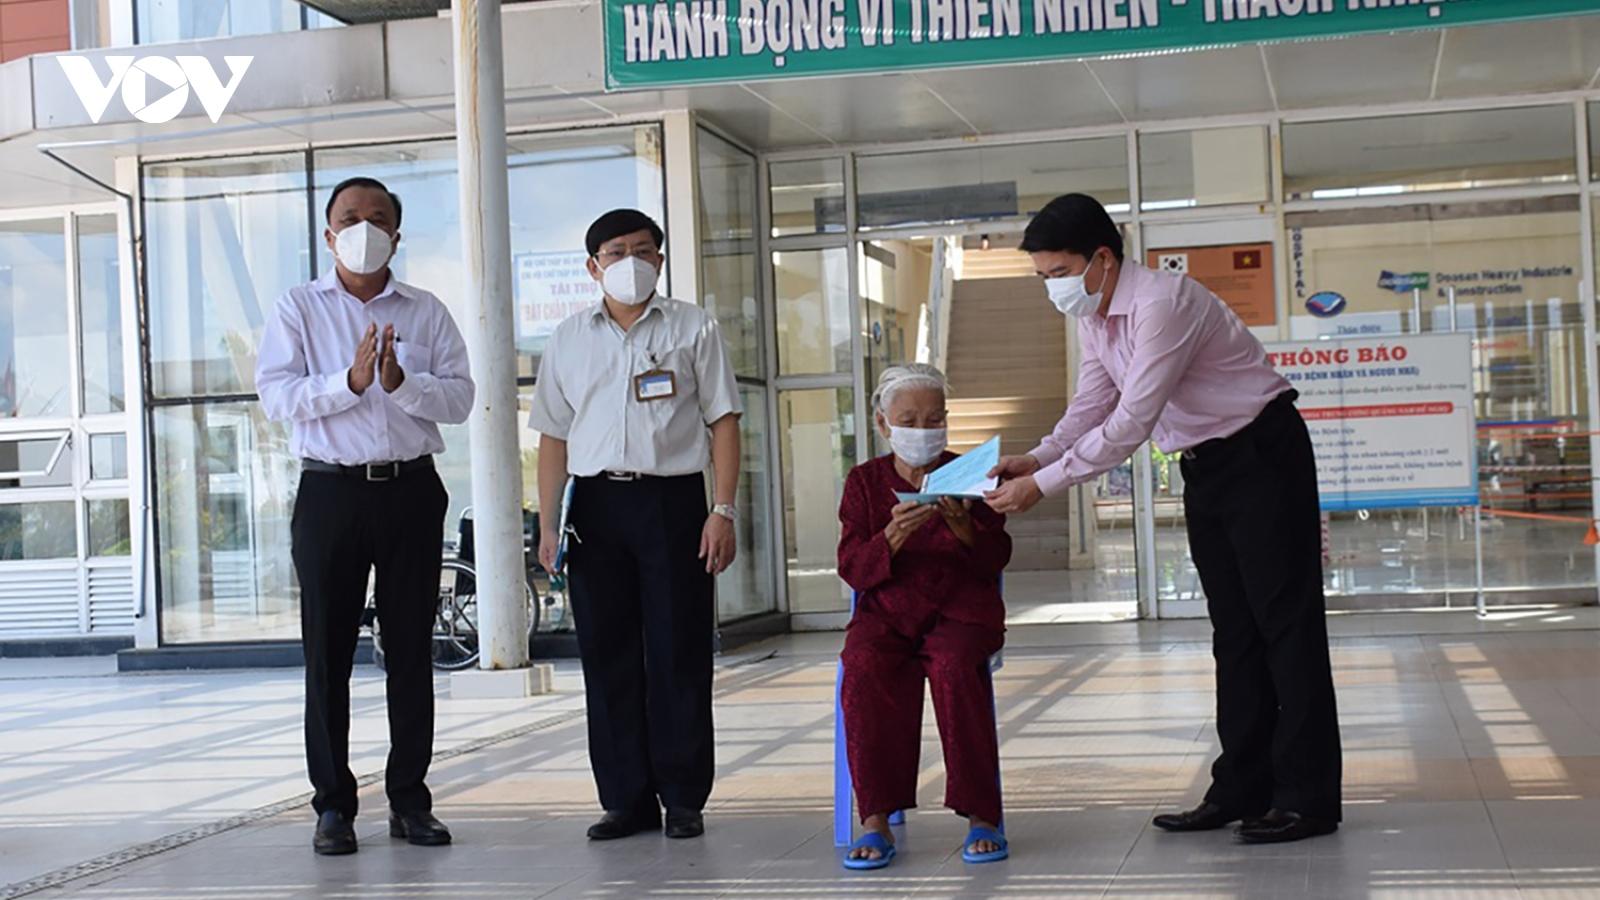 Bệnh nhân 5 tuổi từng mắc Covid-19 ở Quảng Nam được xuất viện